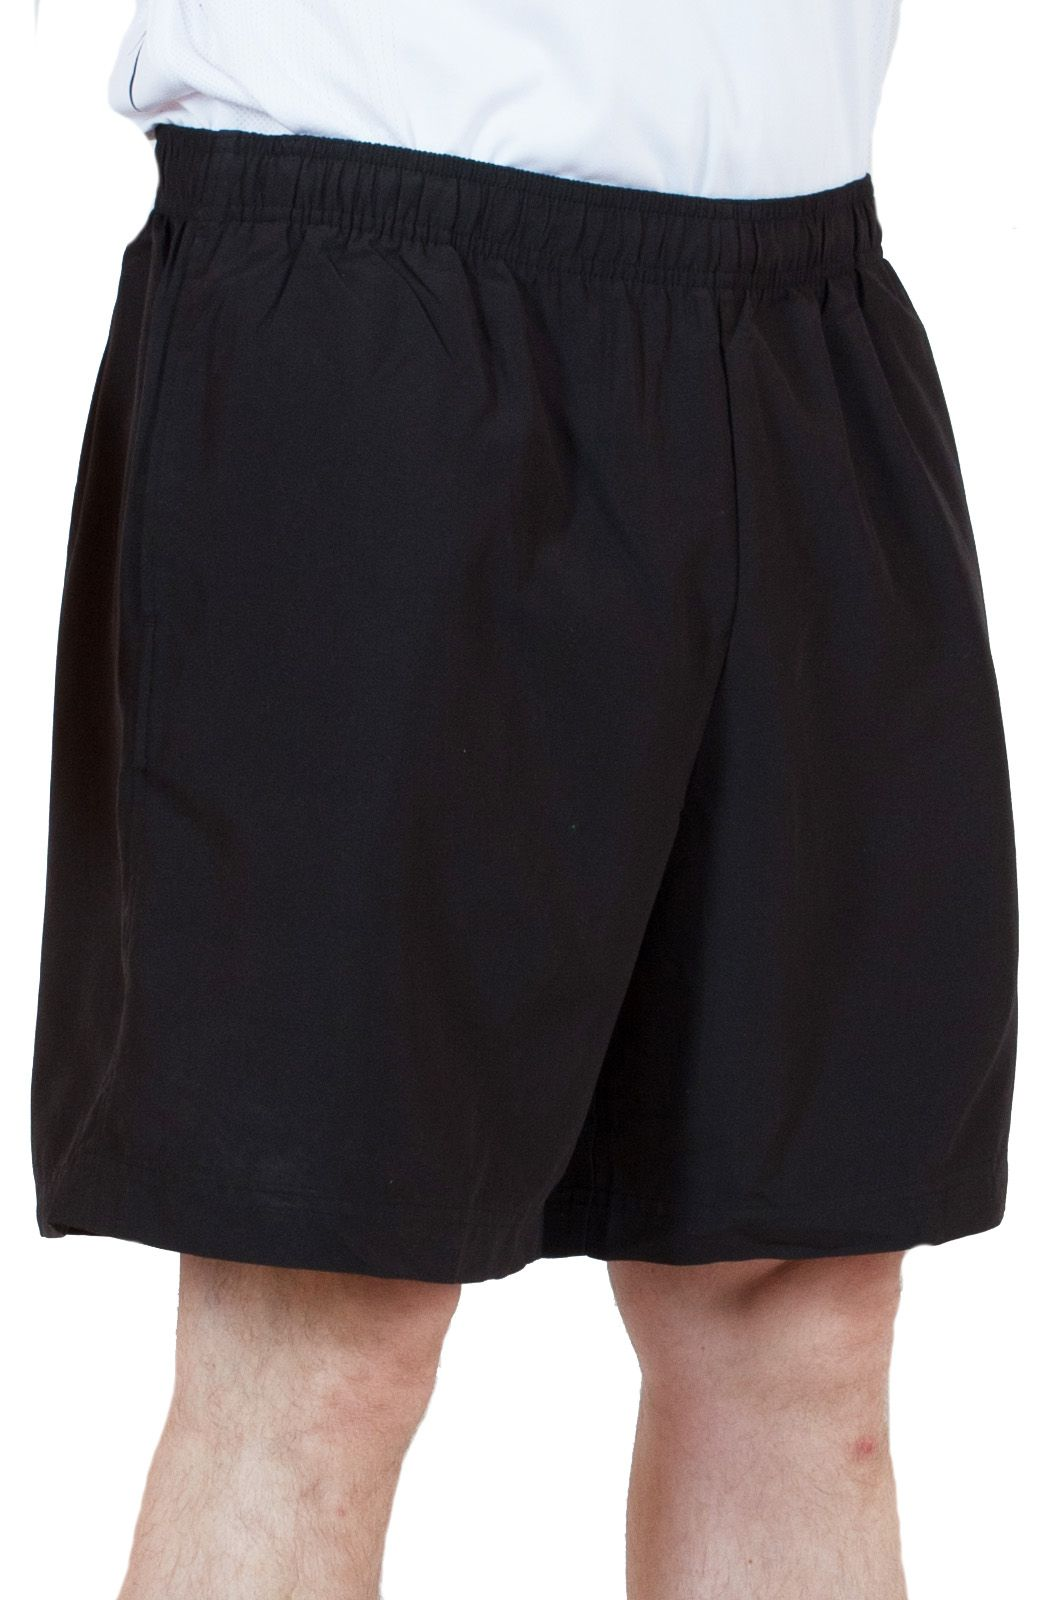 Купить черные мужские шорты спортивного стиля